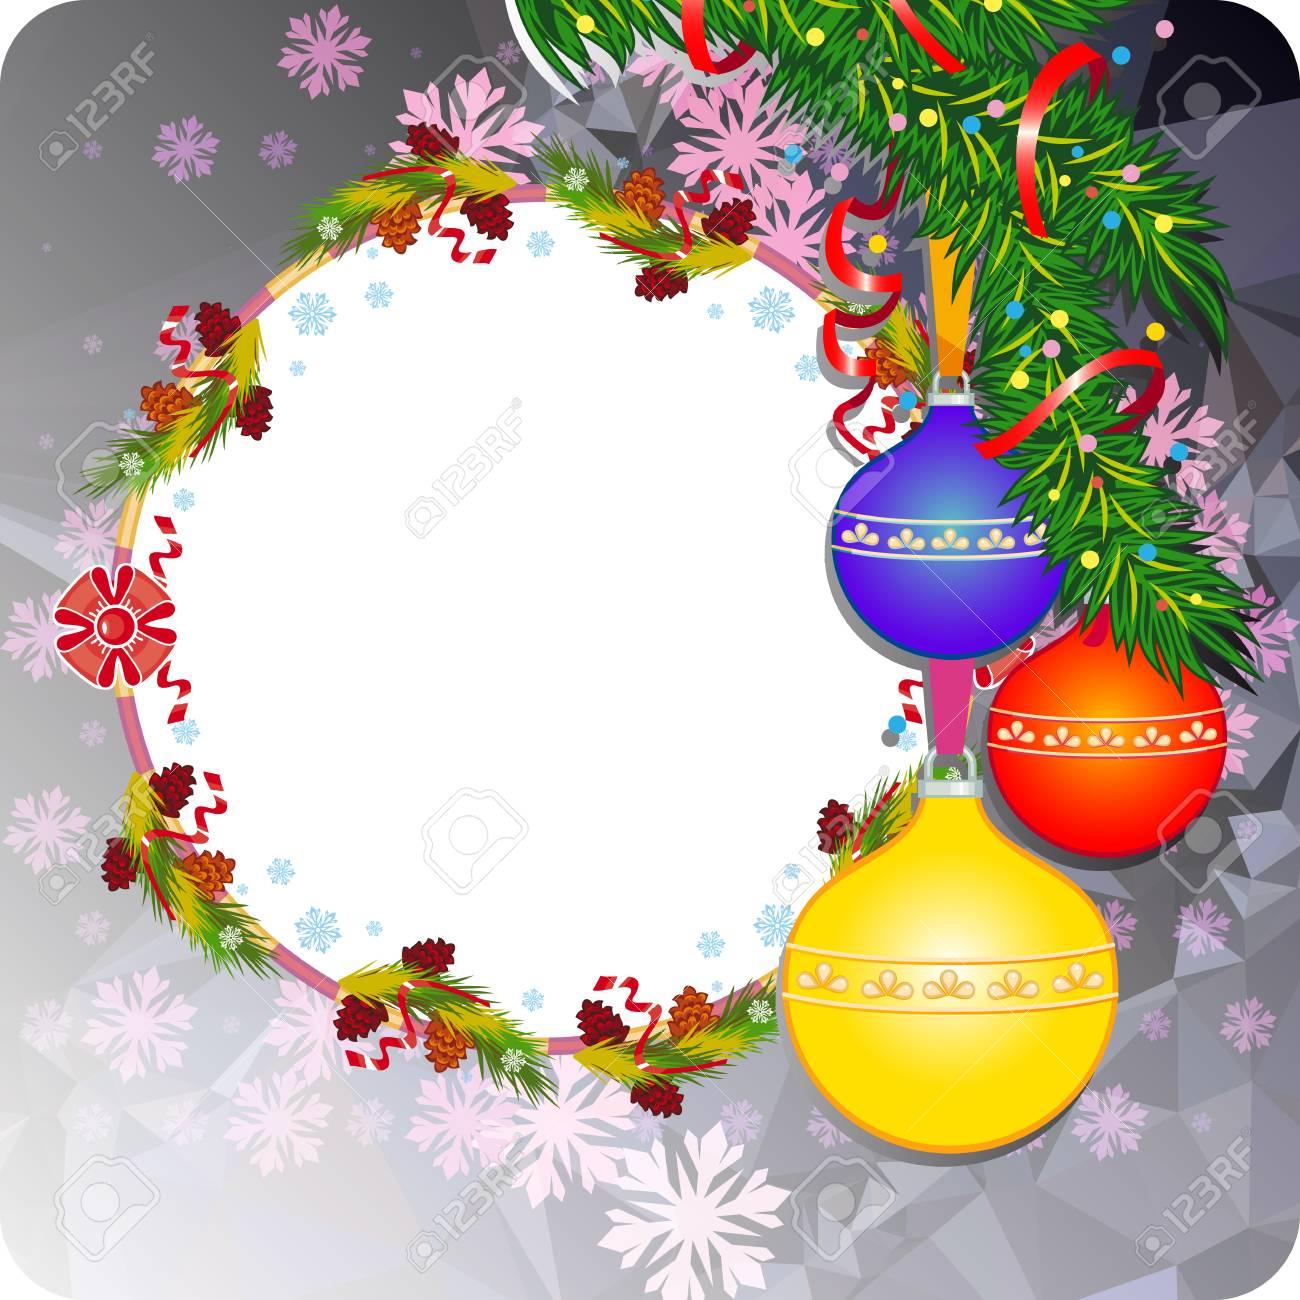 Winterurlaubhintergrund Mit Weihnachtsverzierungen, Schneeflocken ...